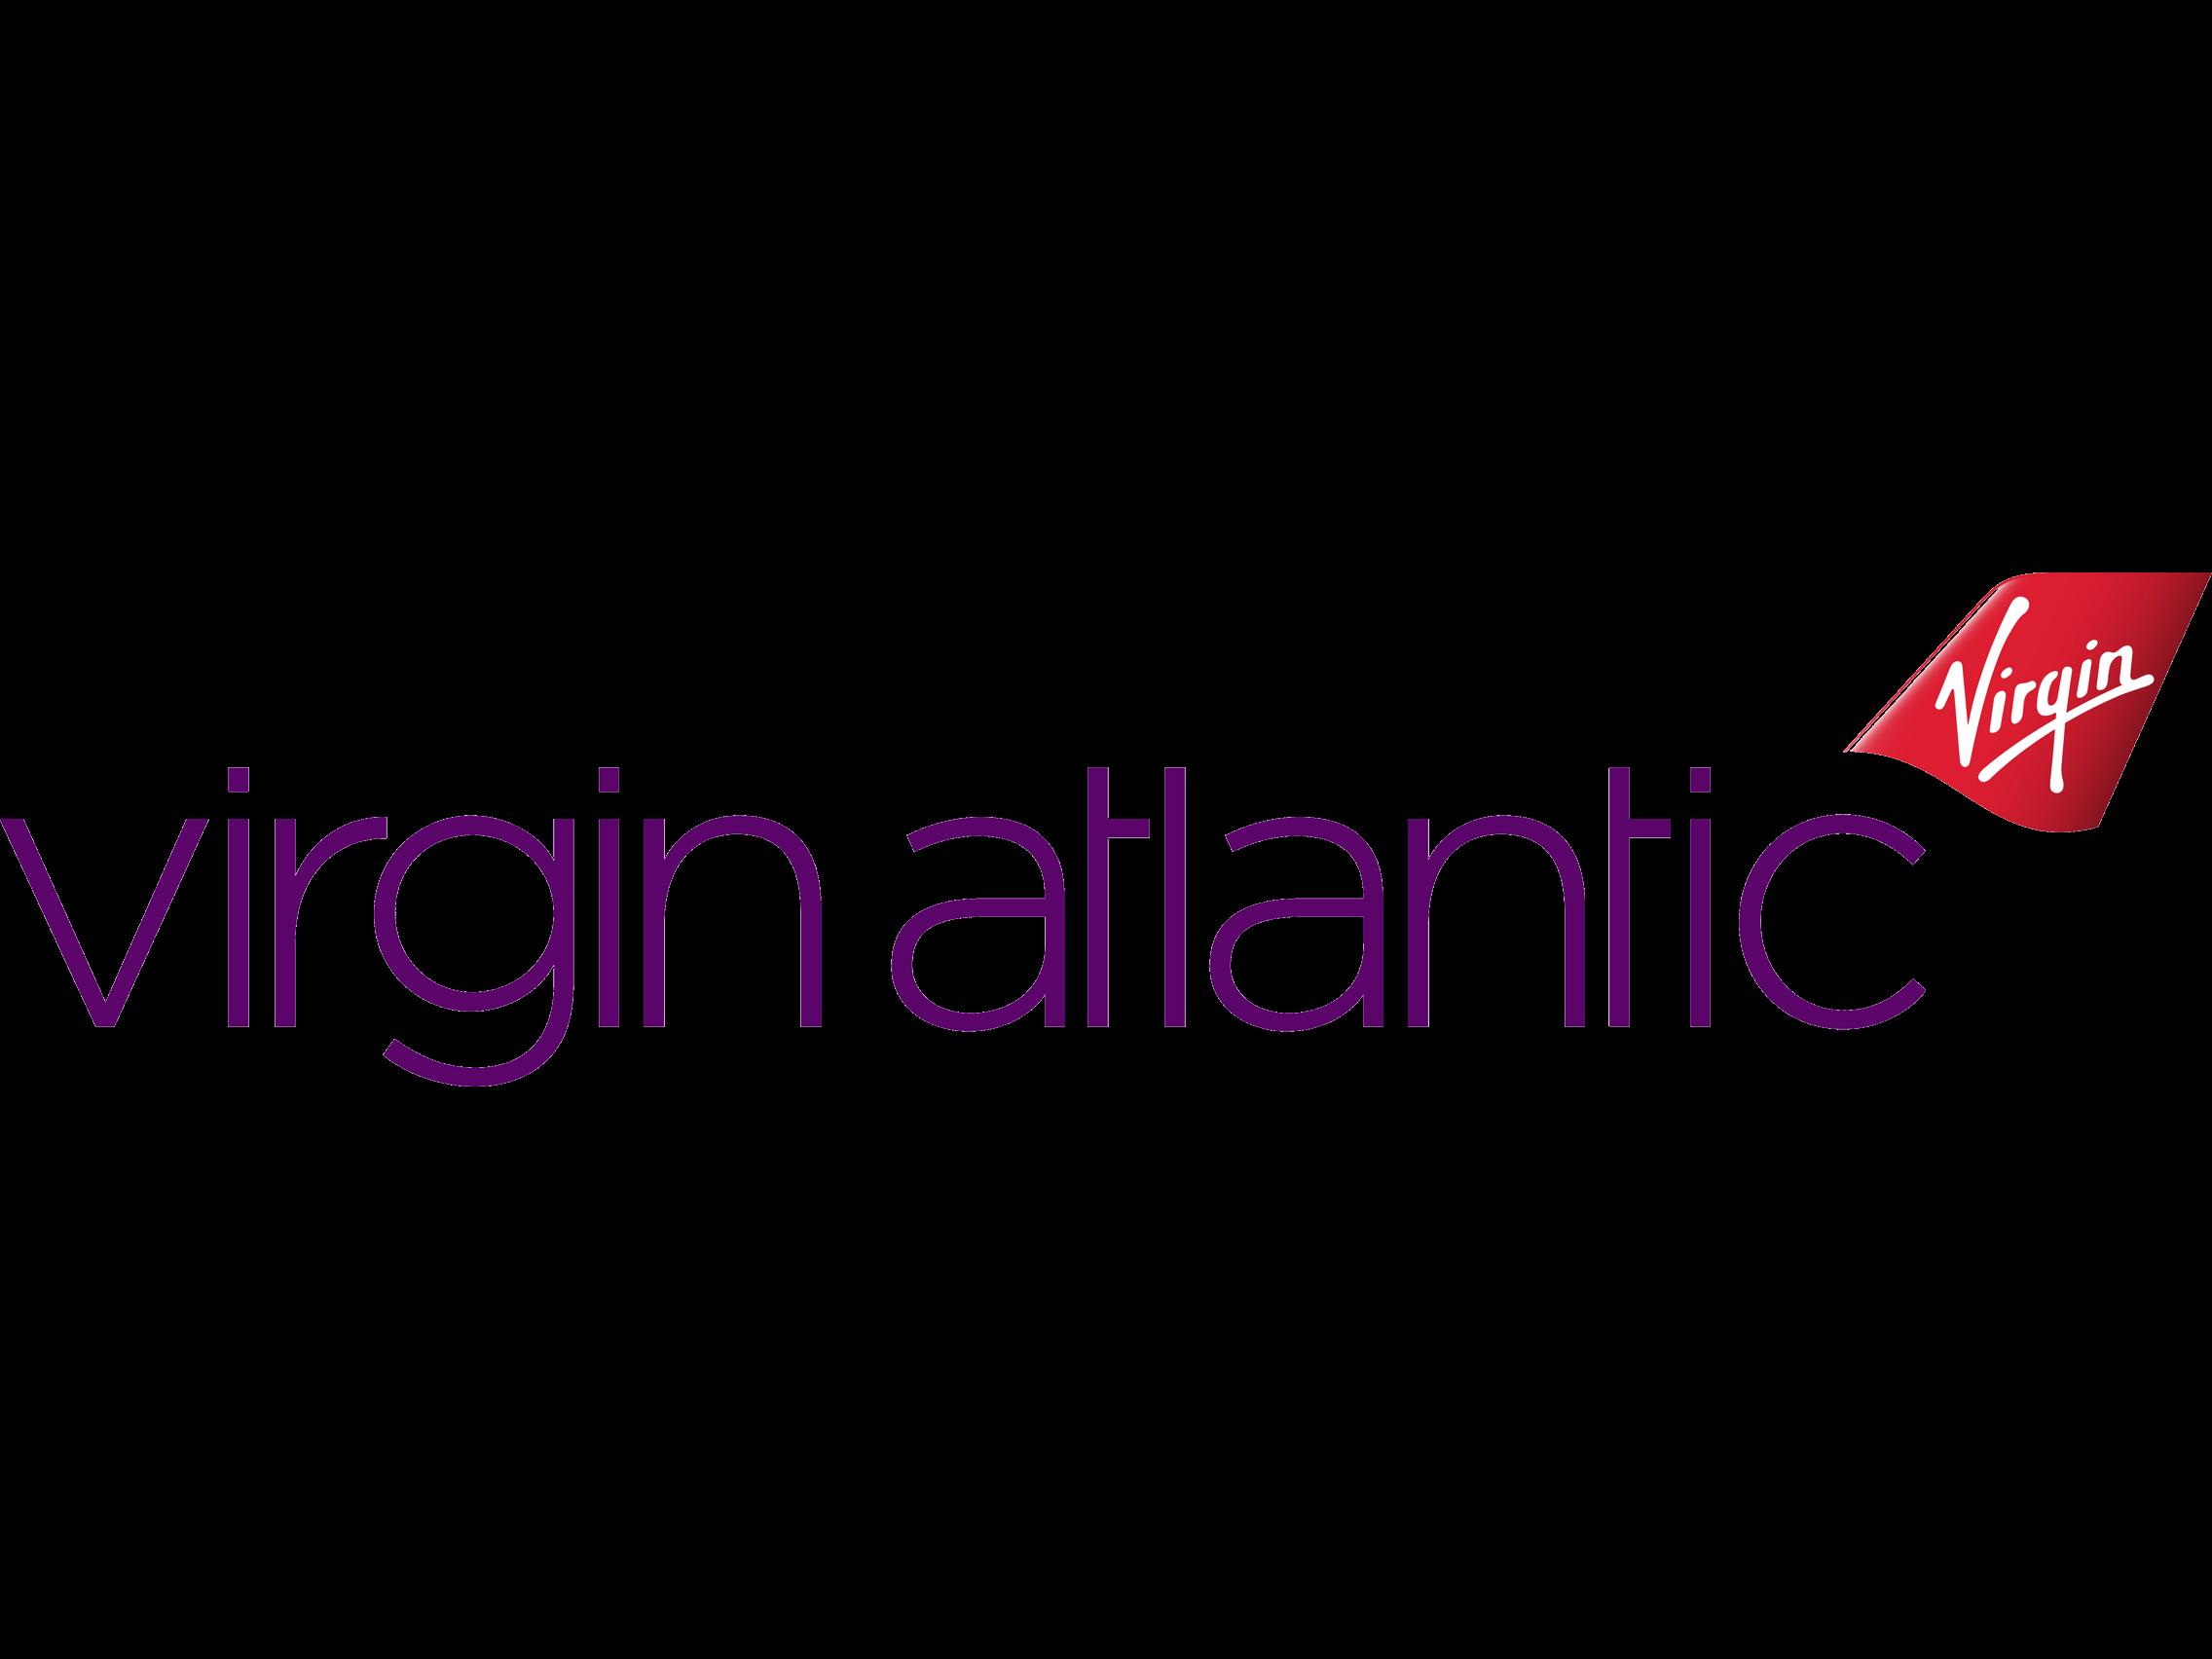 virgin-atlantic-airways - Virgin Atlantic PNG